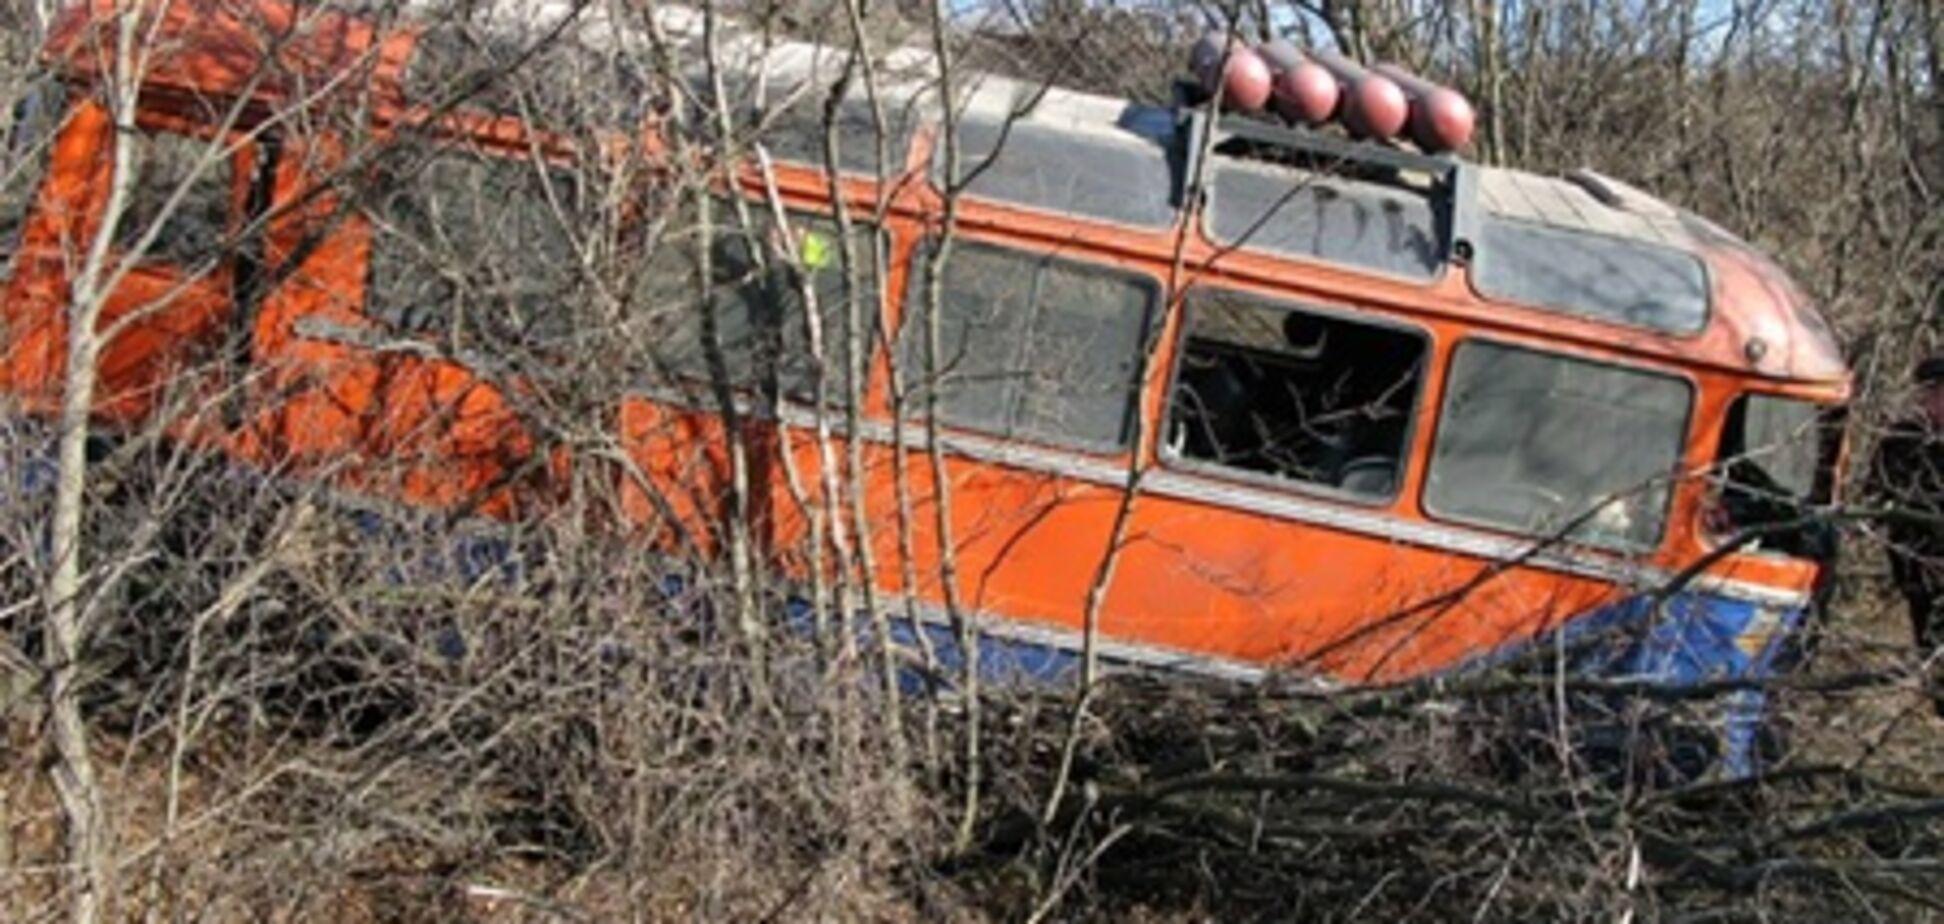 Ситуація на дорогах за 23 листопада: 107 ДТП, 21 загиблих